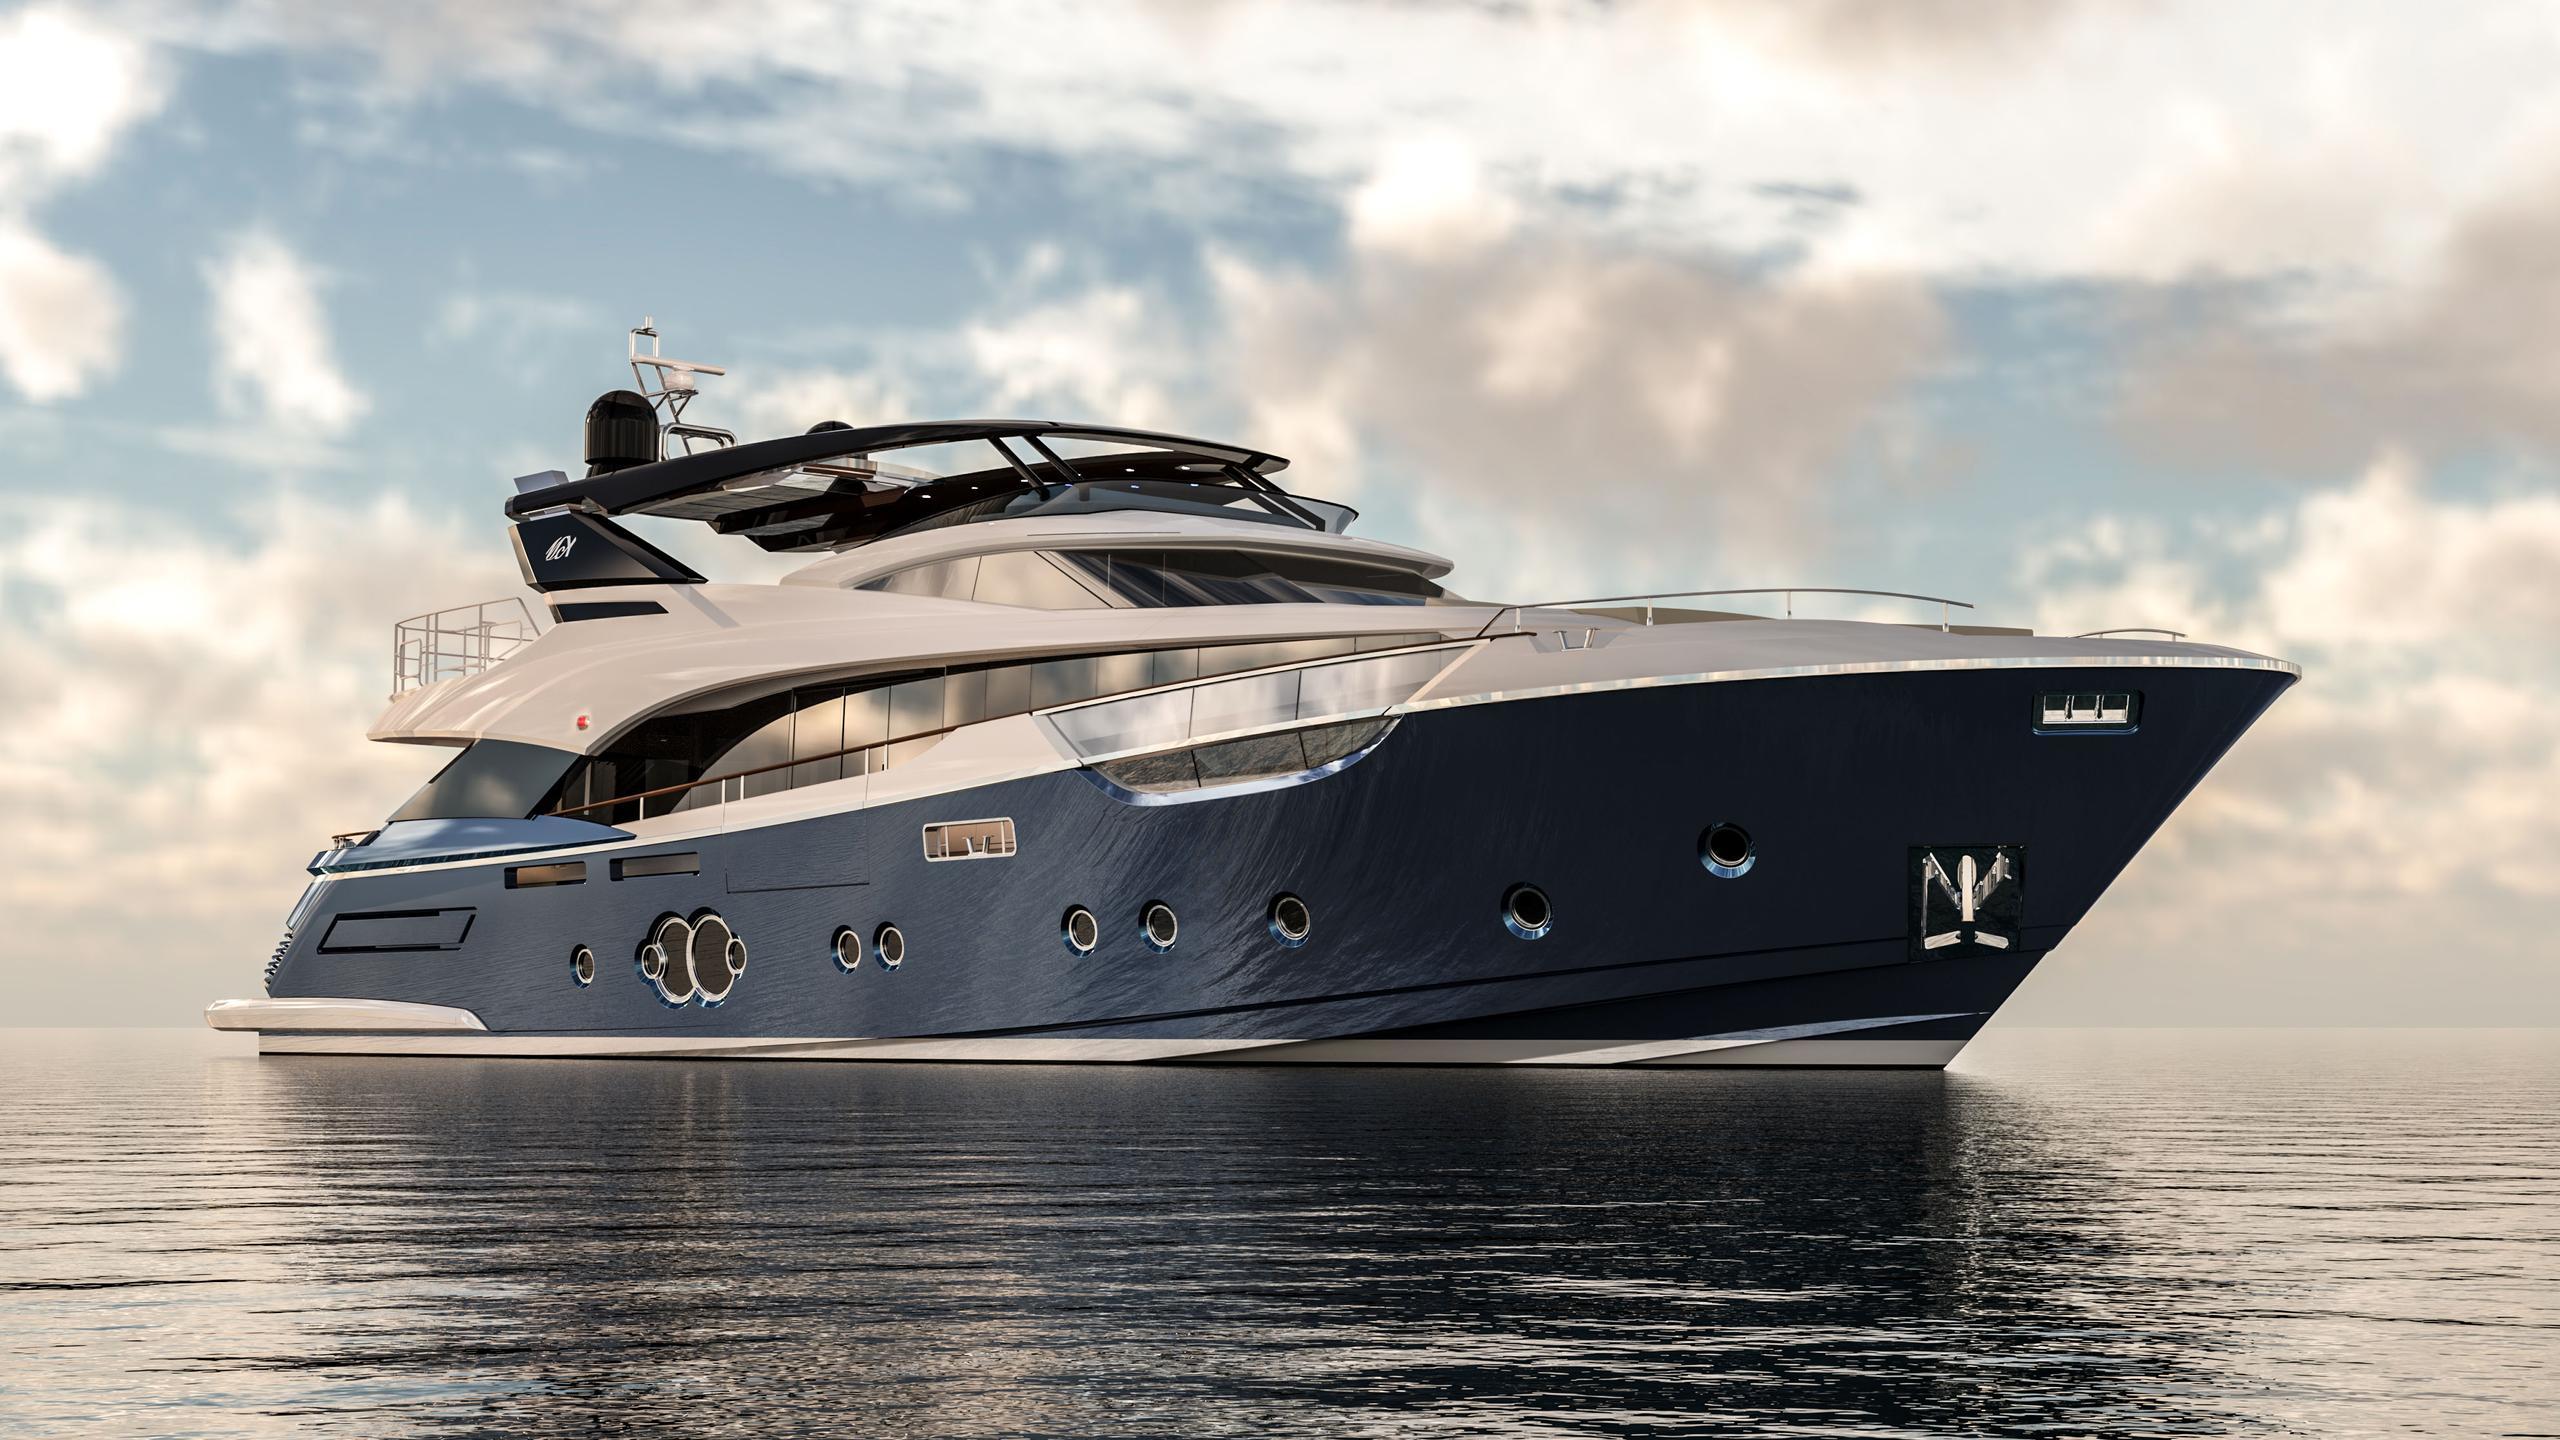 mcy 96 hull 3 motoryacht monte carlo yachts 30m 2018 rendering